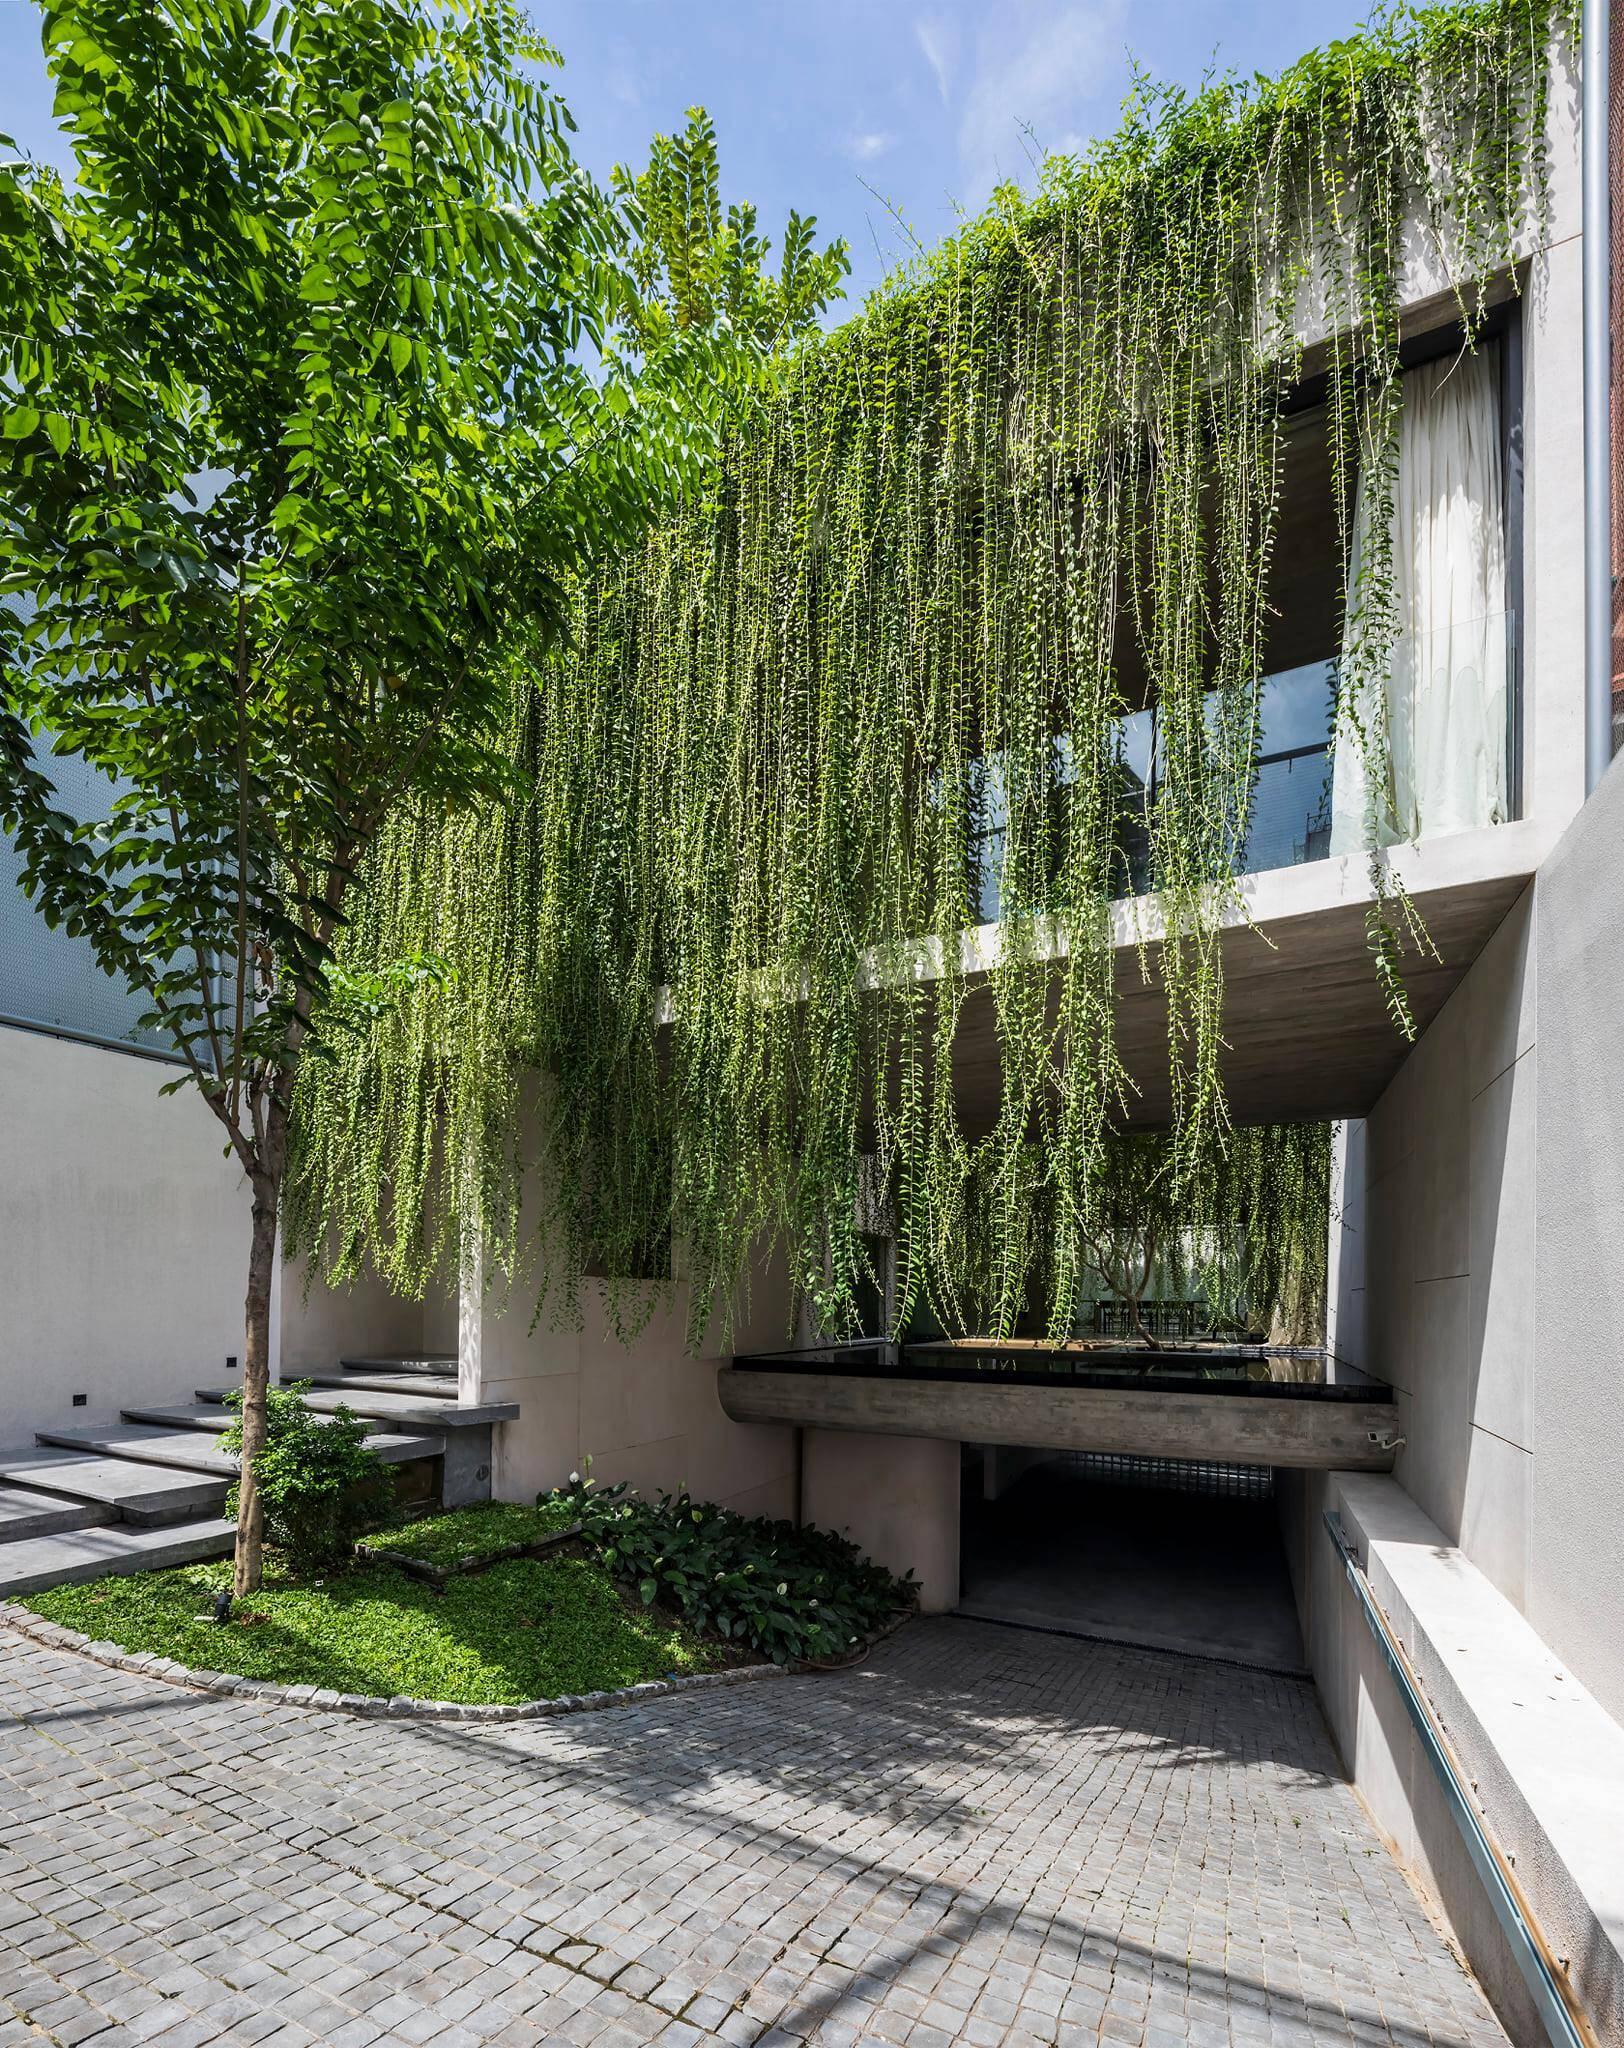 """Bước qua cửa, """"công viên"""" như mở ra trước mắt với cây cối xanh tươi thay vì chỉ là vài mảng cây xanh nhỏ ở lối vào hay bậc tam cấp"""